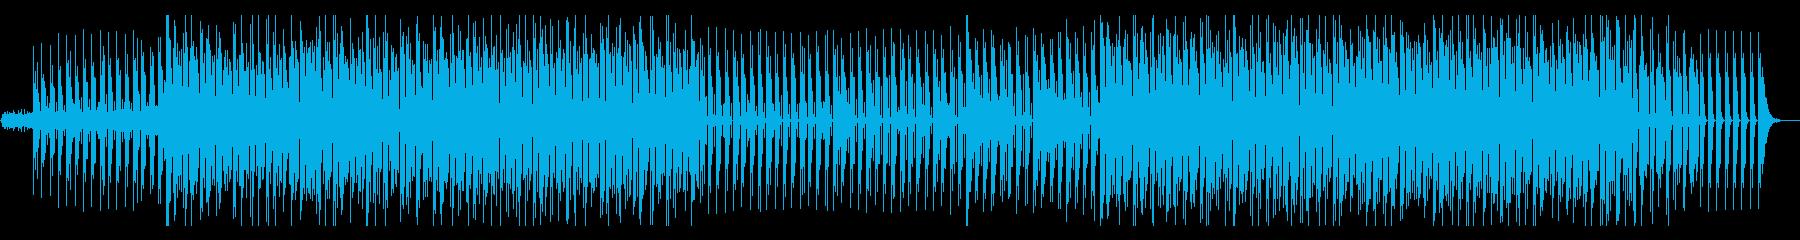 女性ボーカルが印象的なハウスミュージックの再生済みの波形